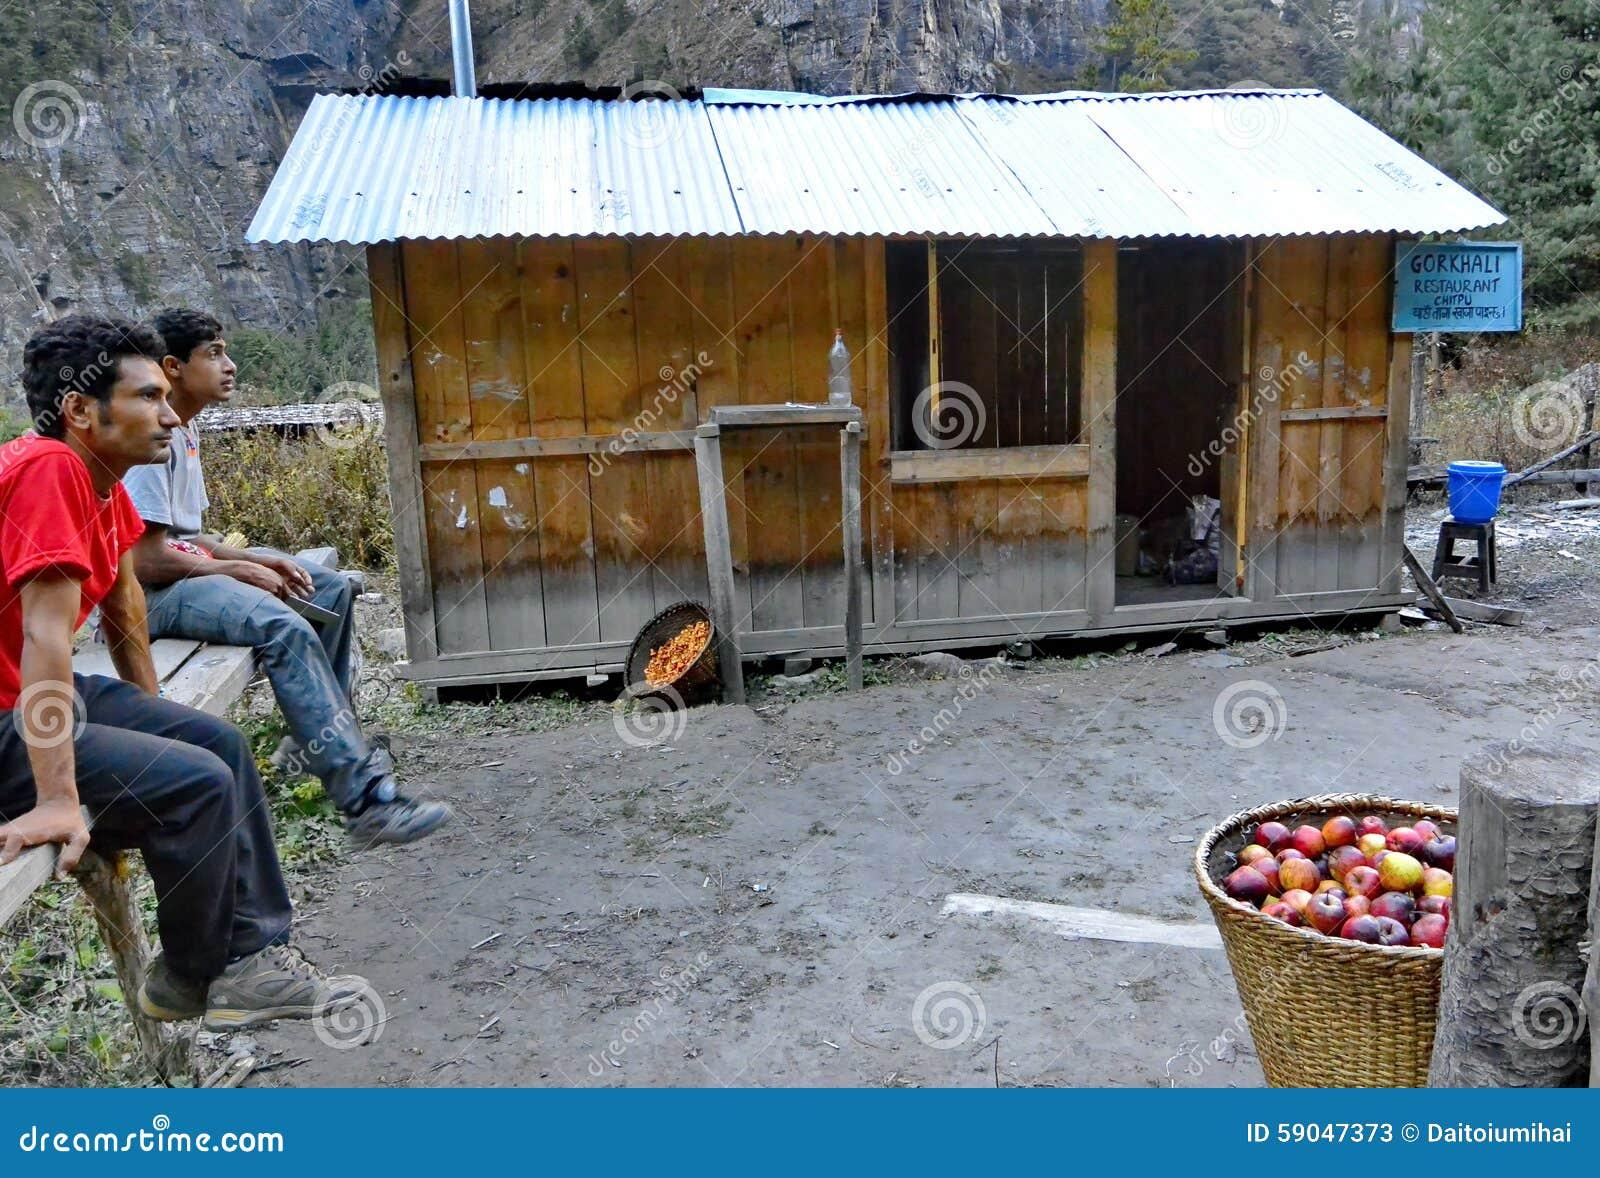 Apple sellers in Nepal